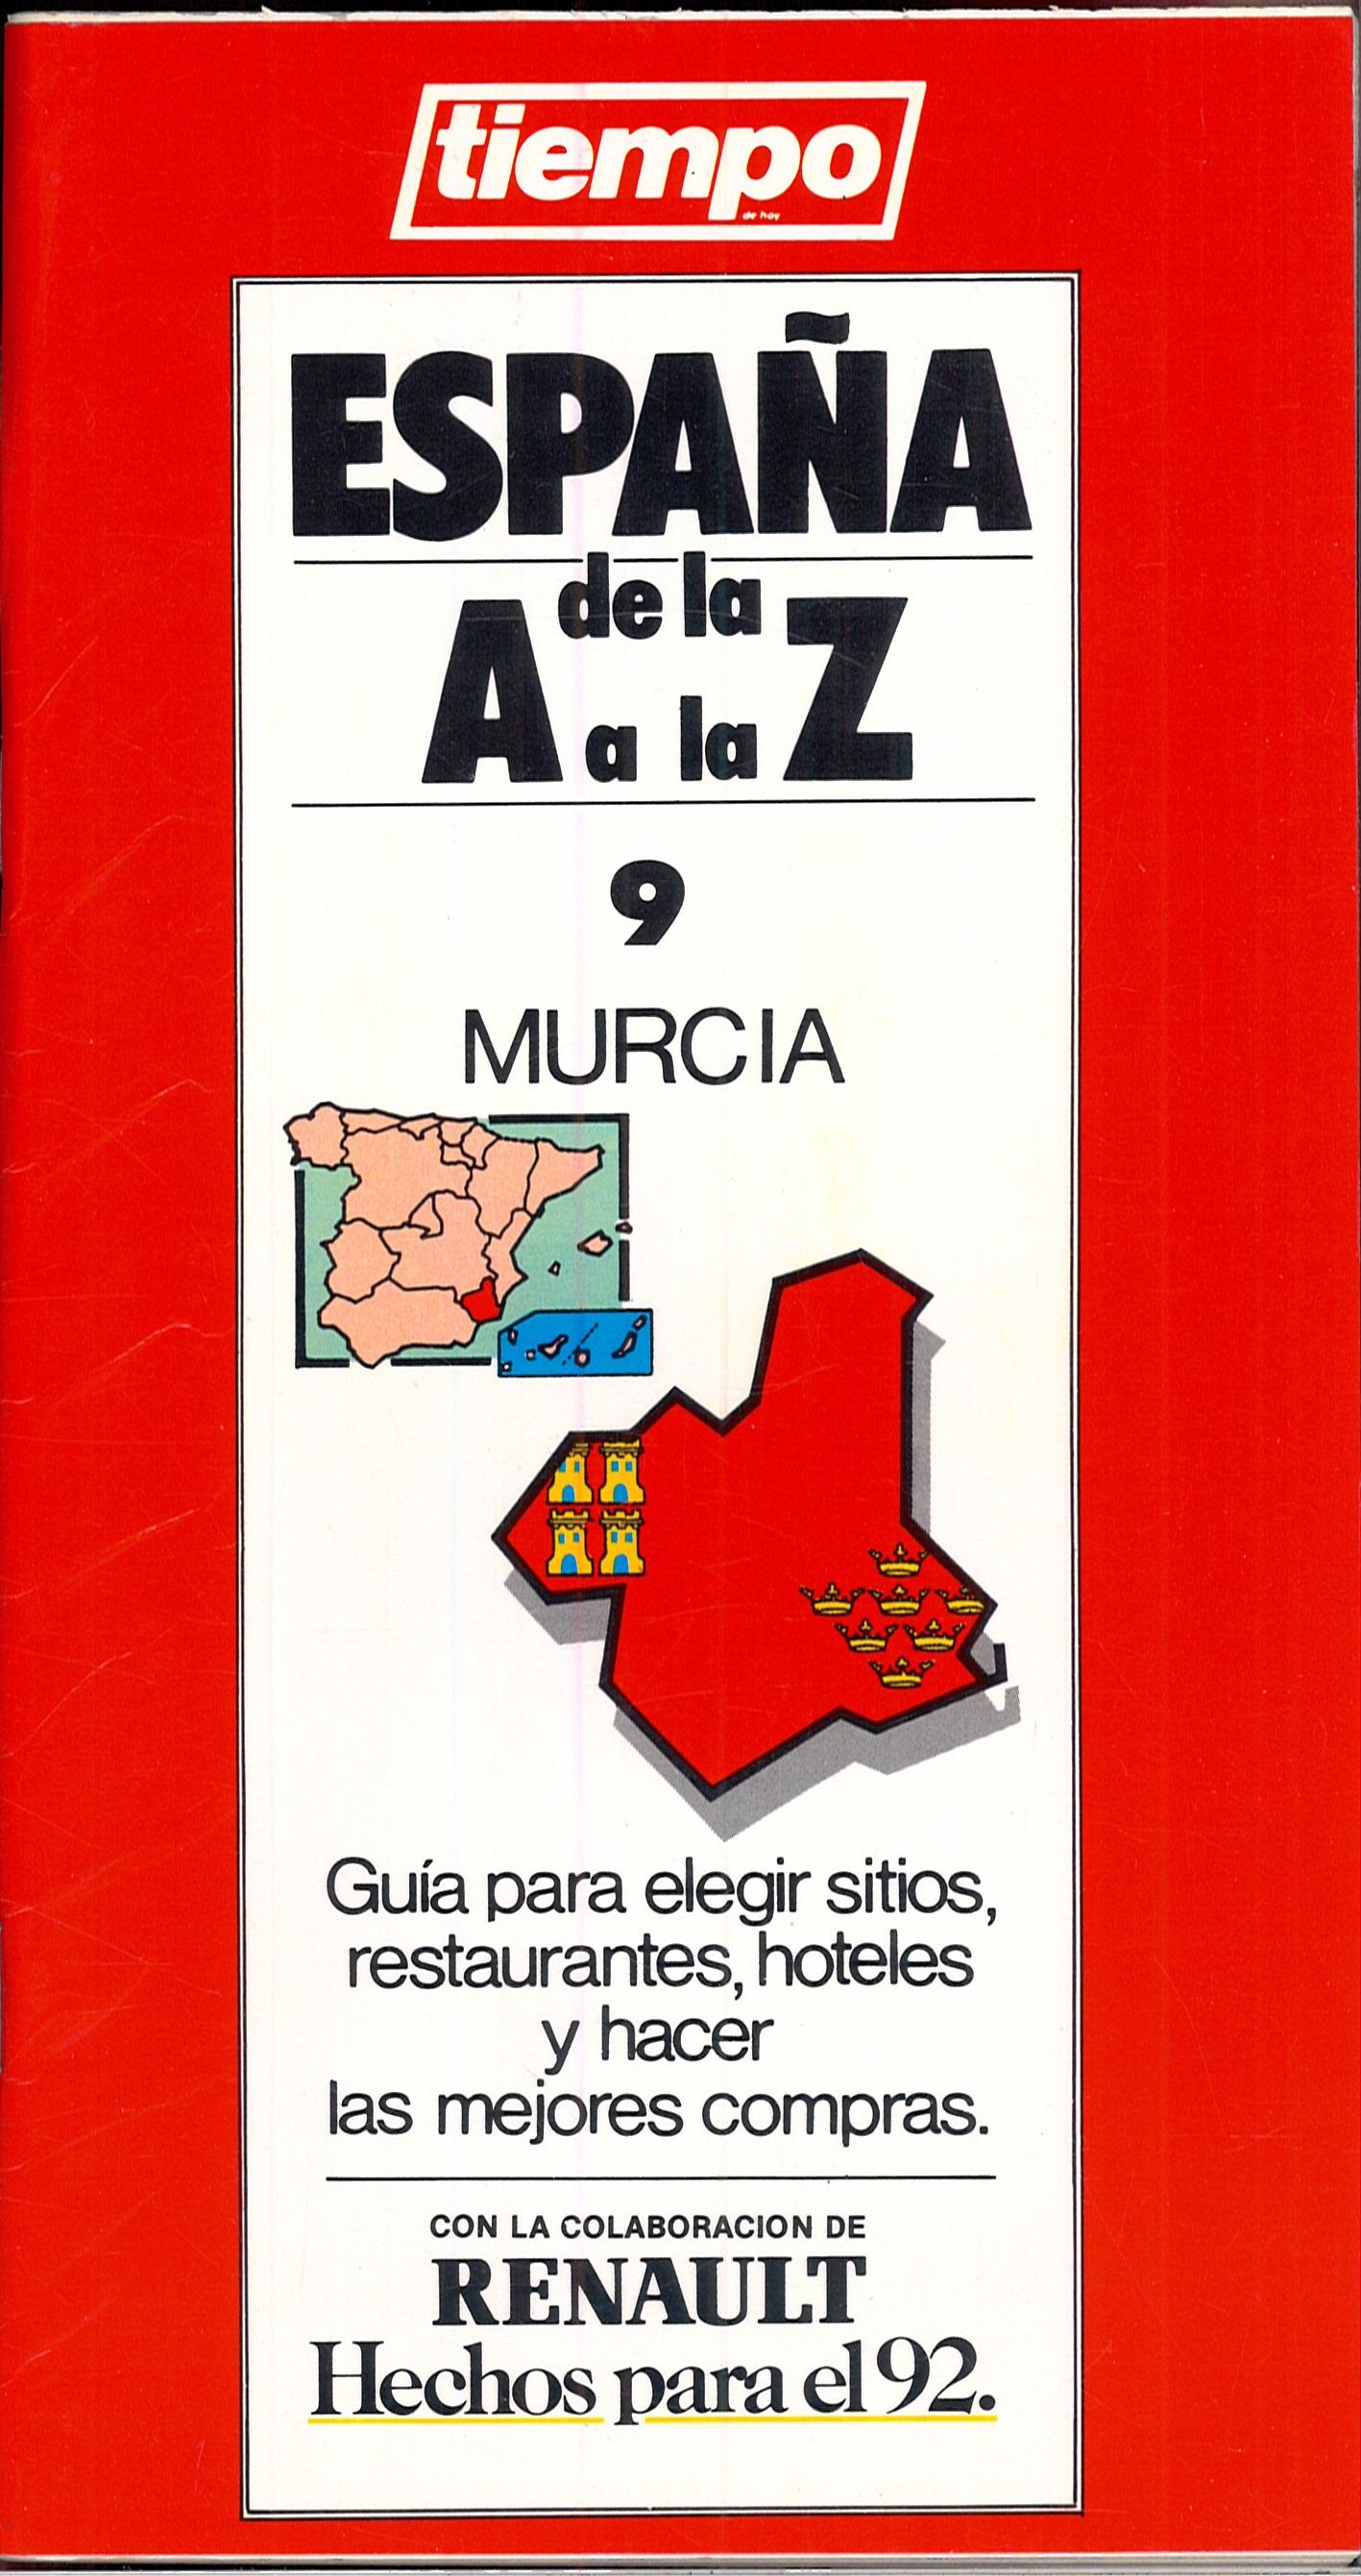 Portada del fascículo nº 9: MURCIA (ESPAÑA de la A la Z).